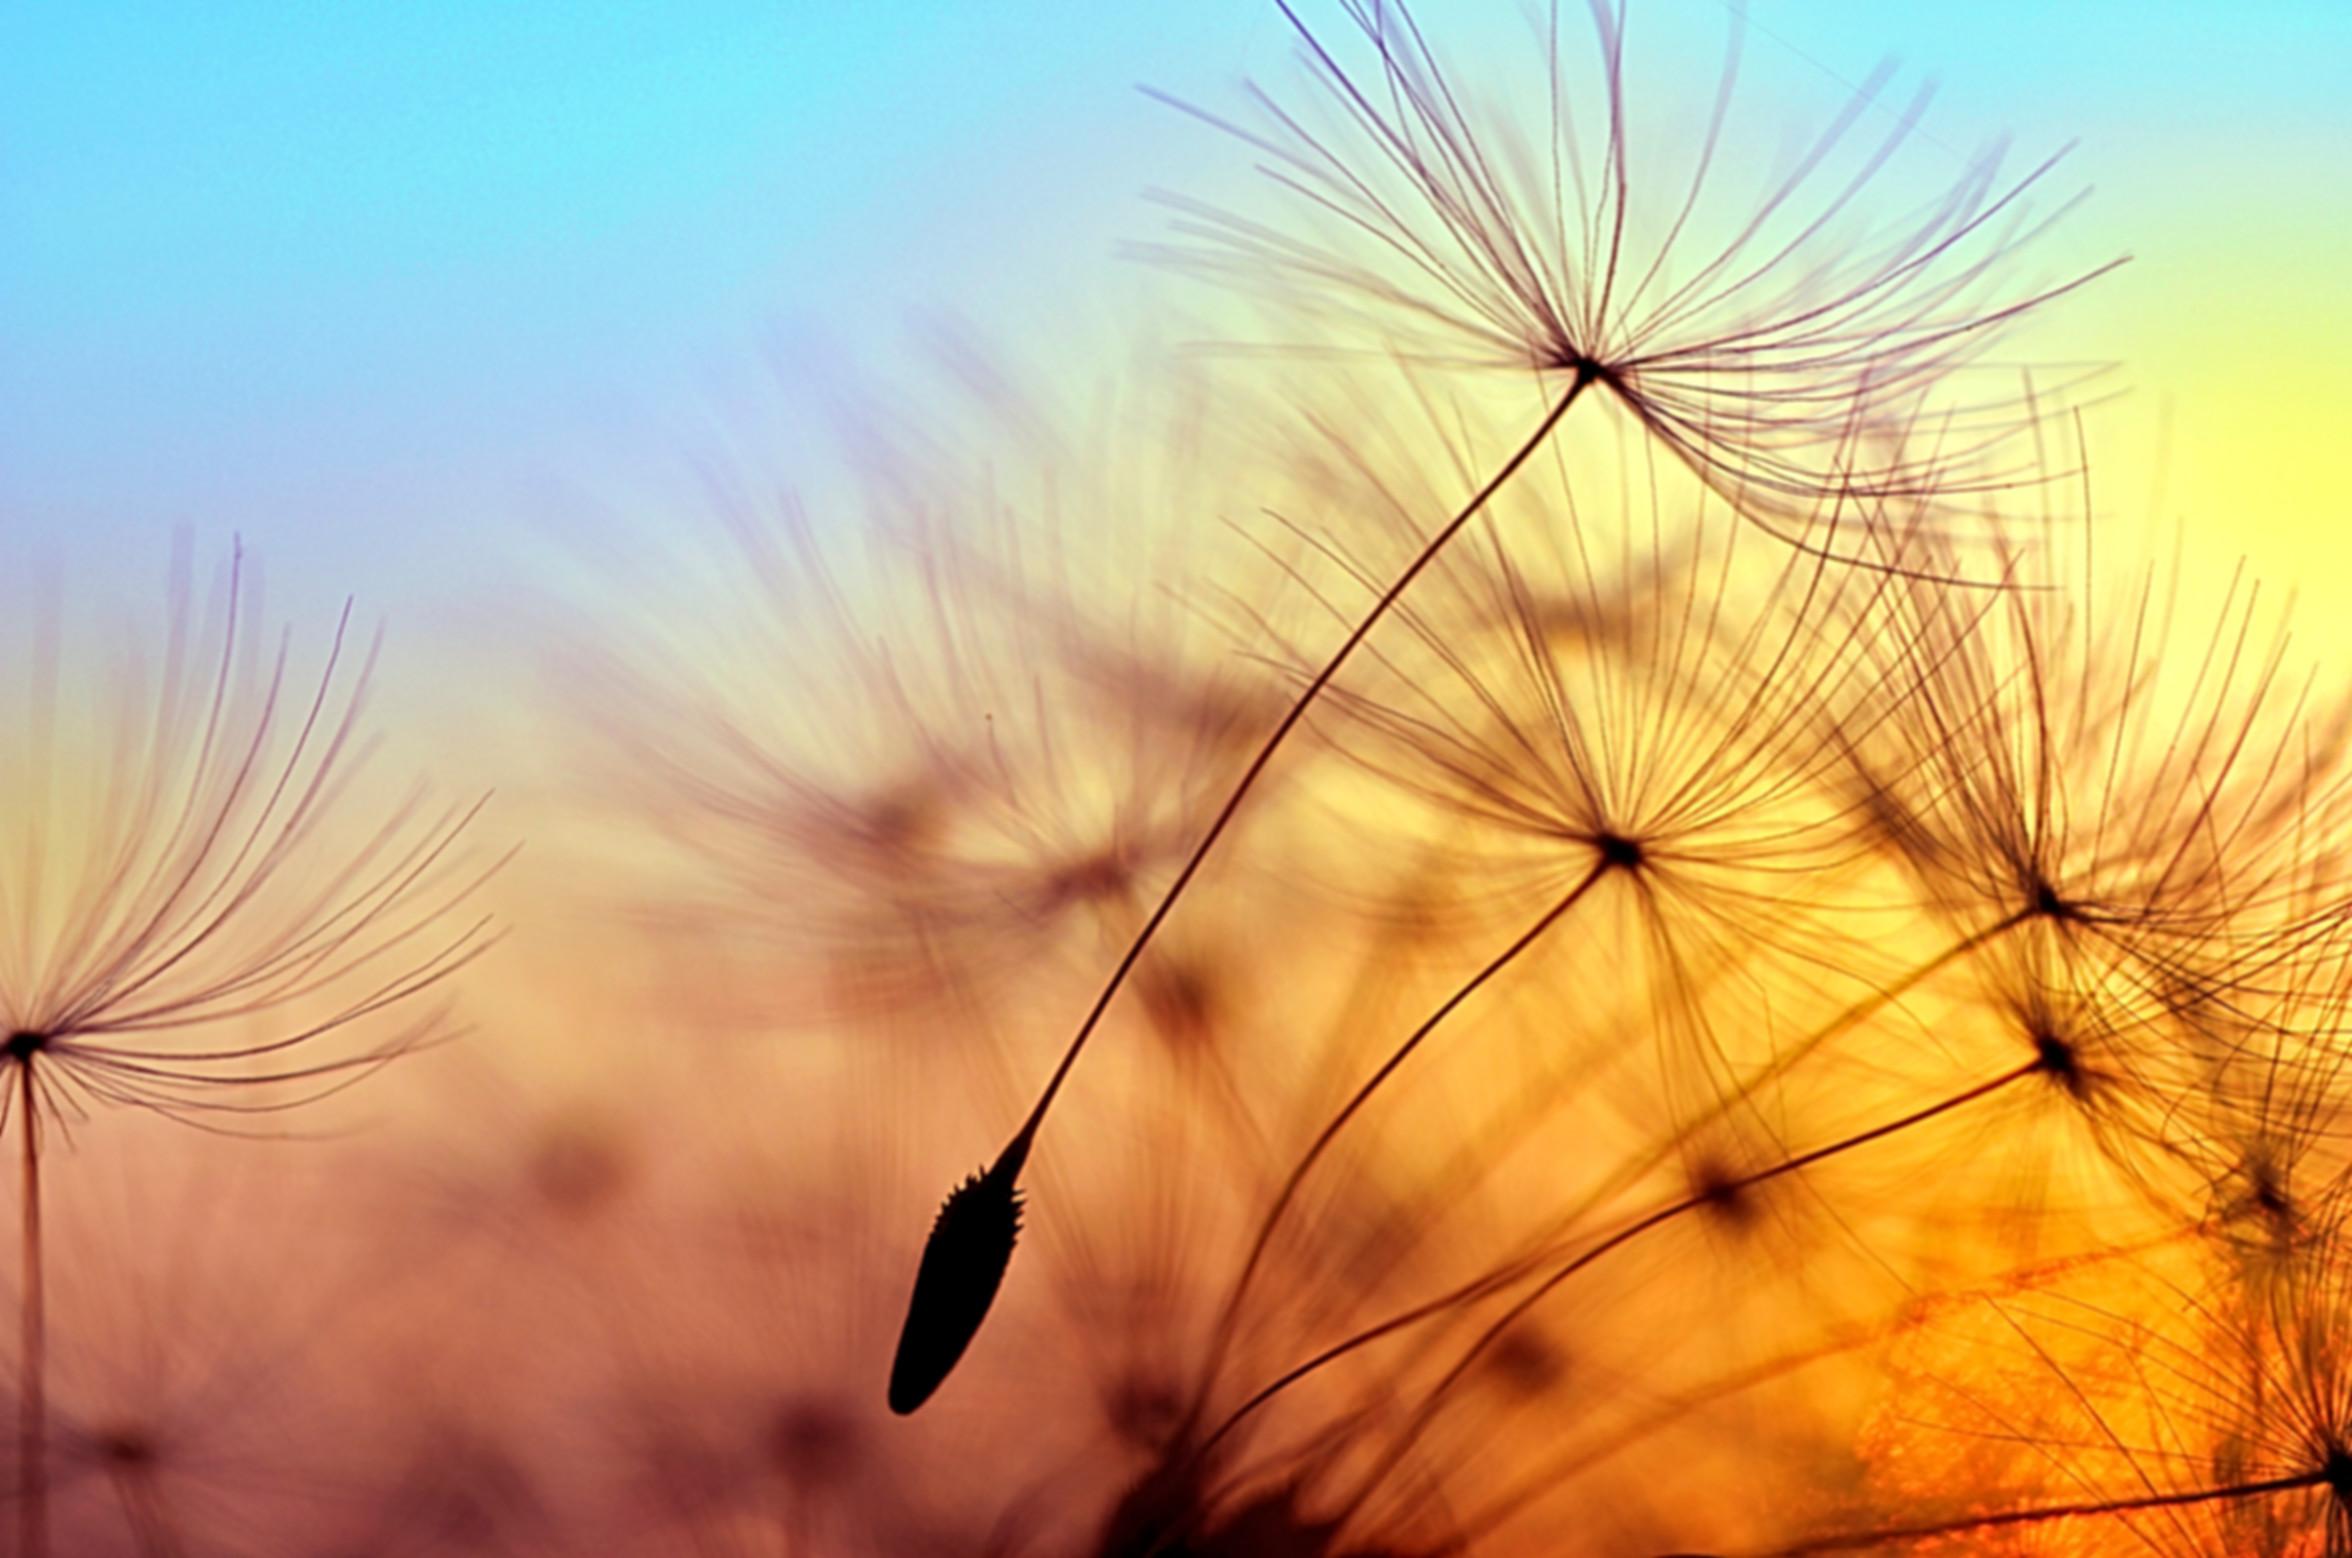 Spring dandelion in the light of setting